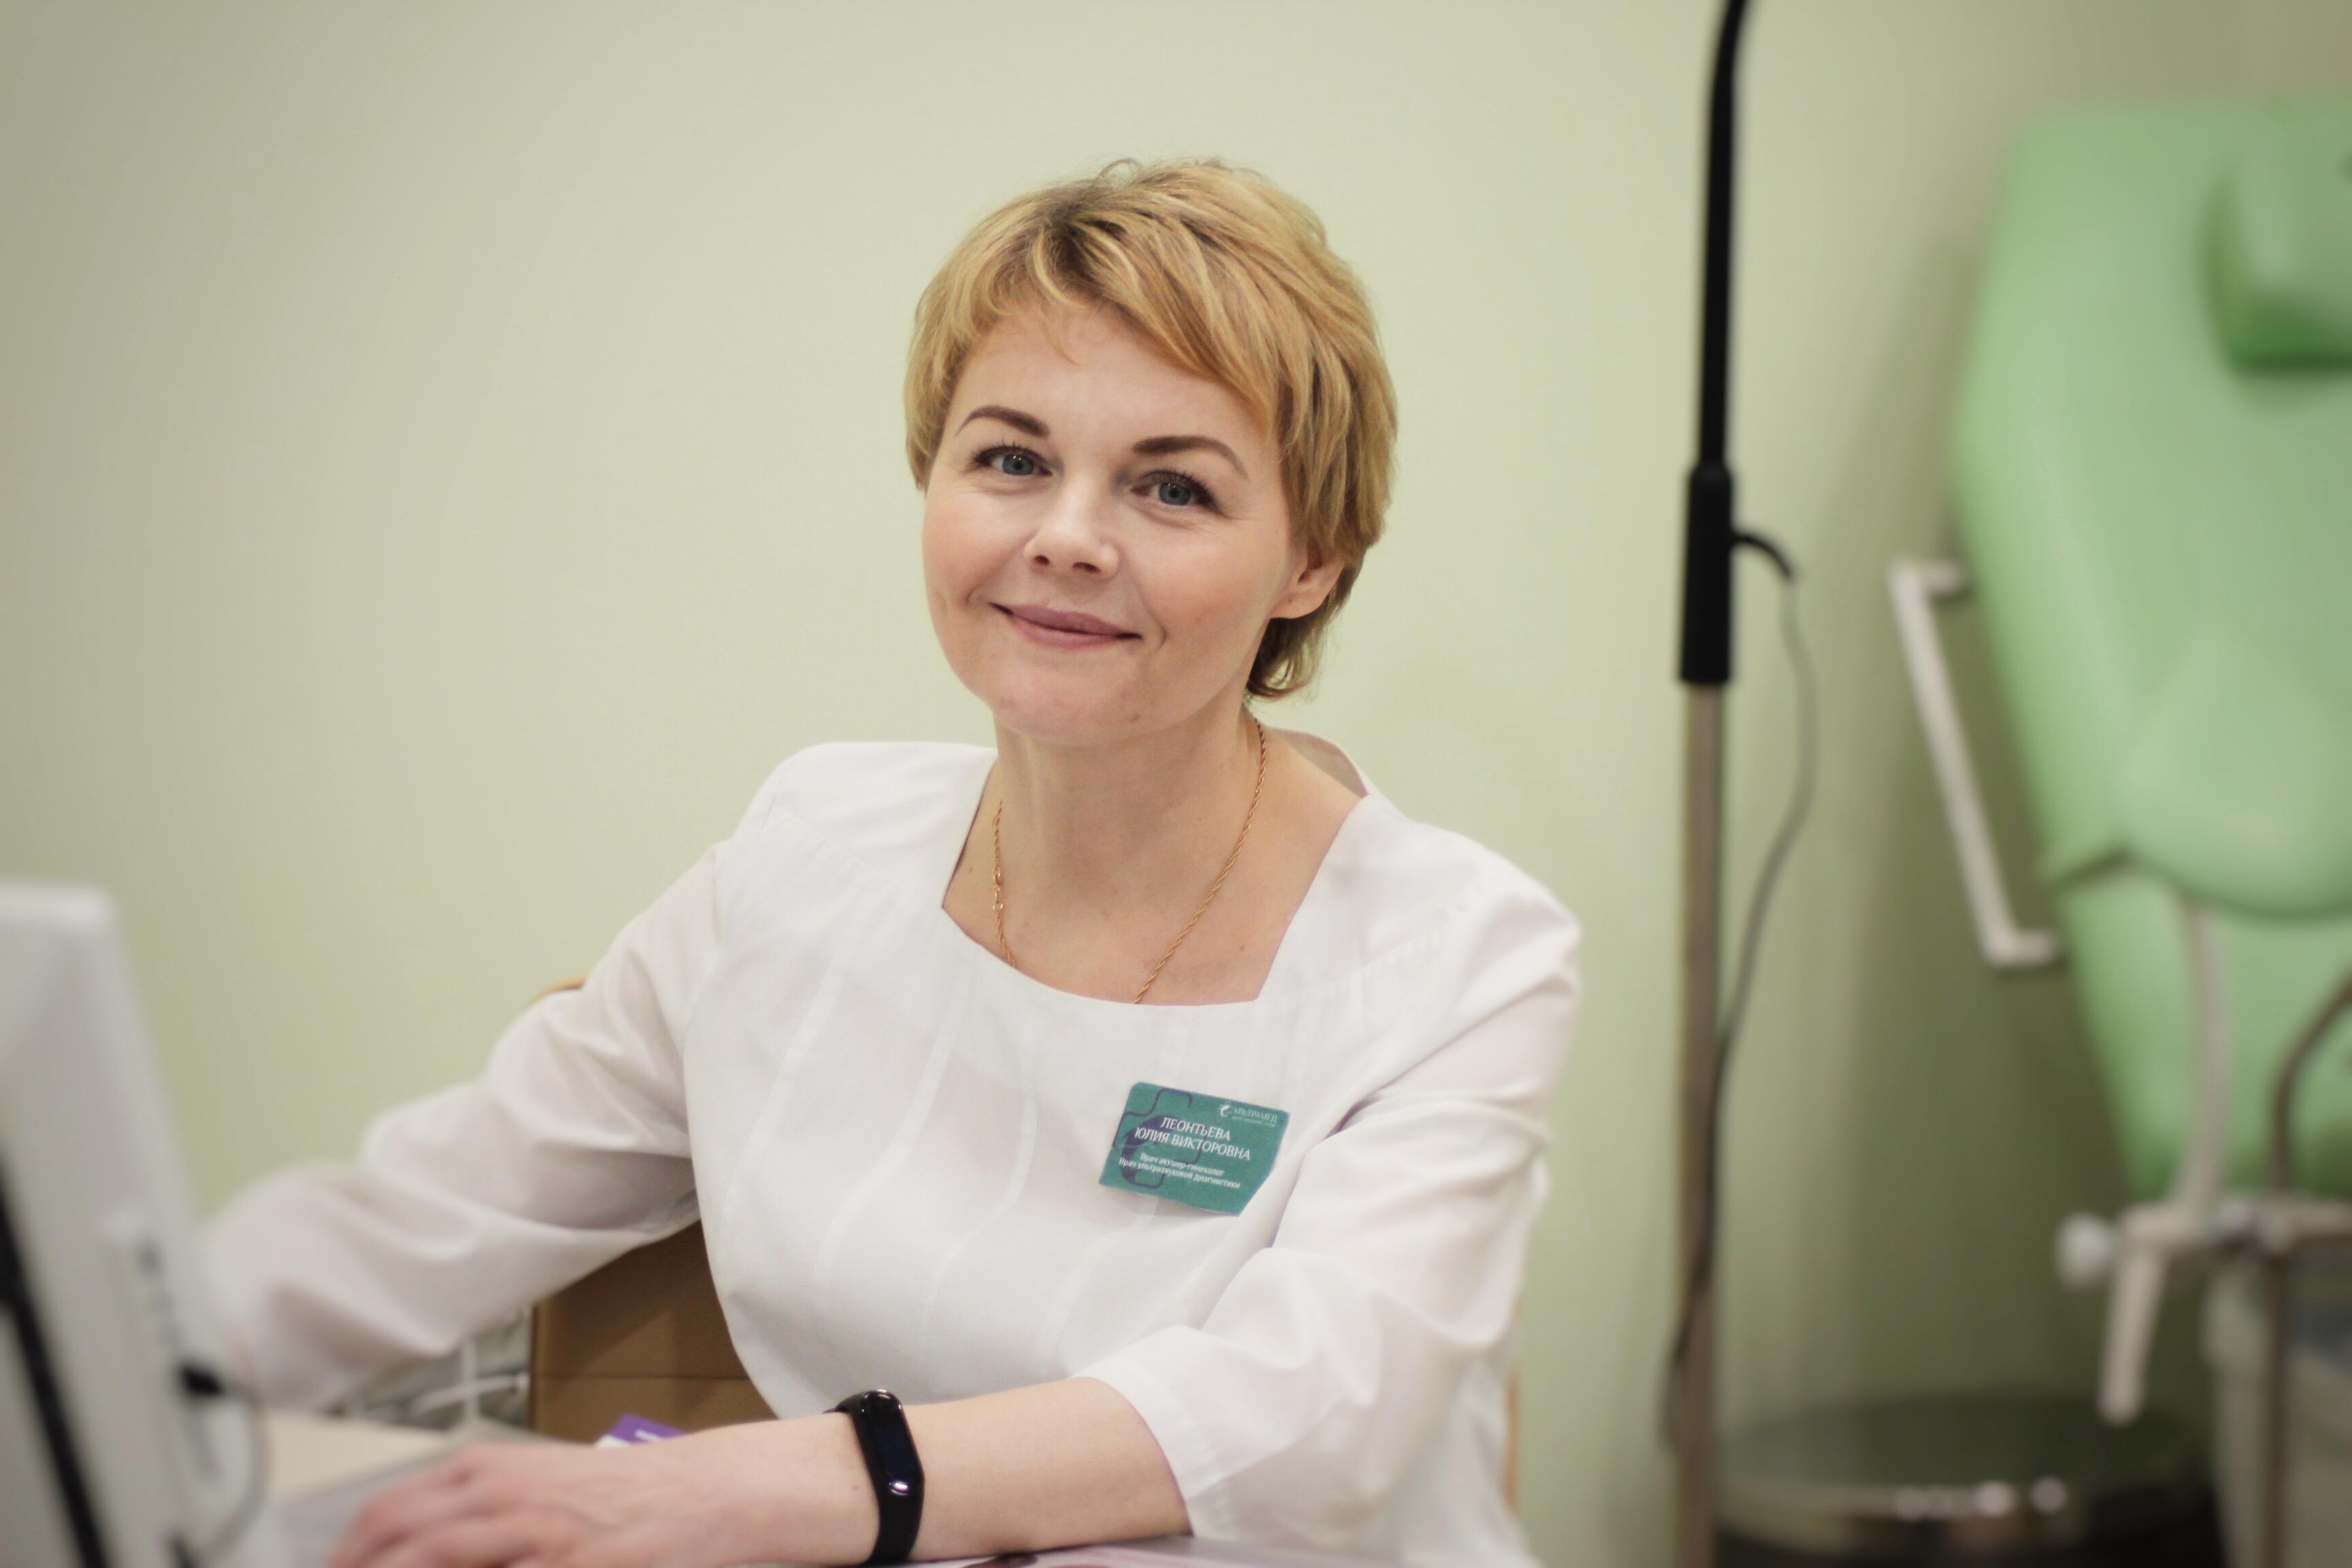 Юлия Викторовна, ДОБРО ПОЖАЛОВАТЬ в команду профессионалов Центра Медицины Плода Ультрамед!